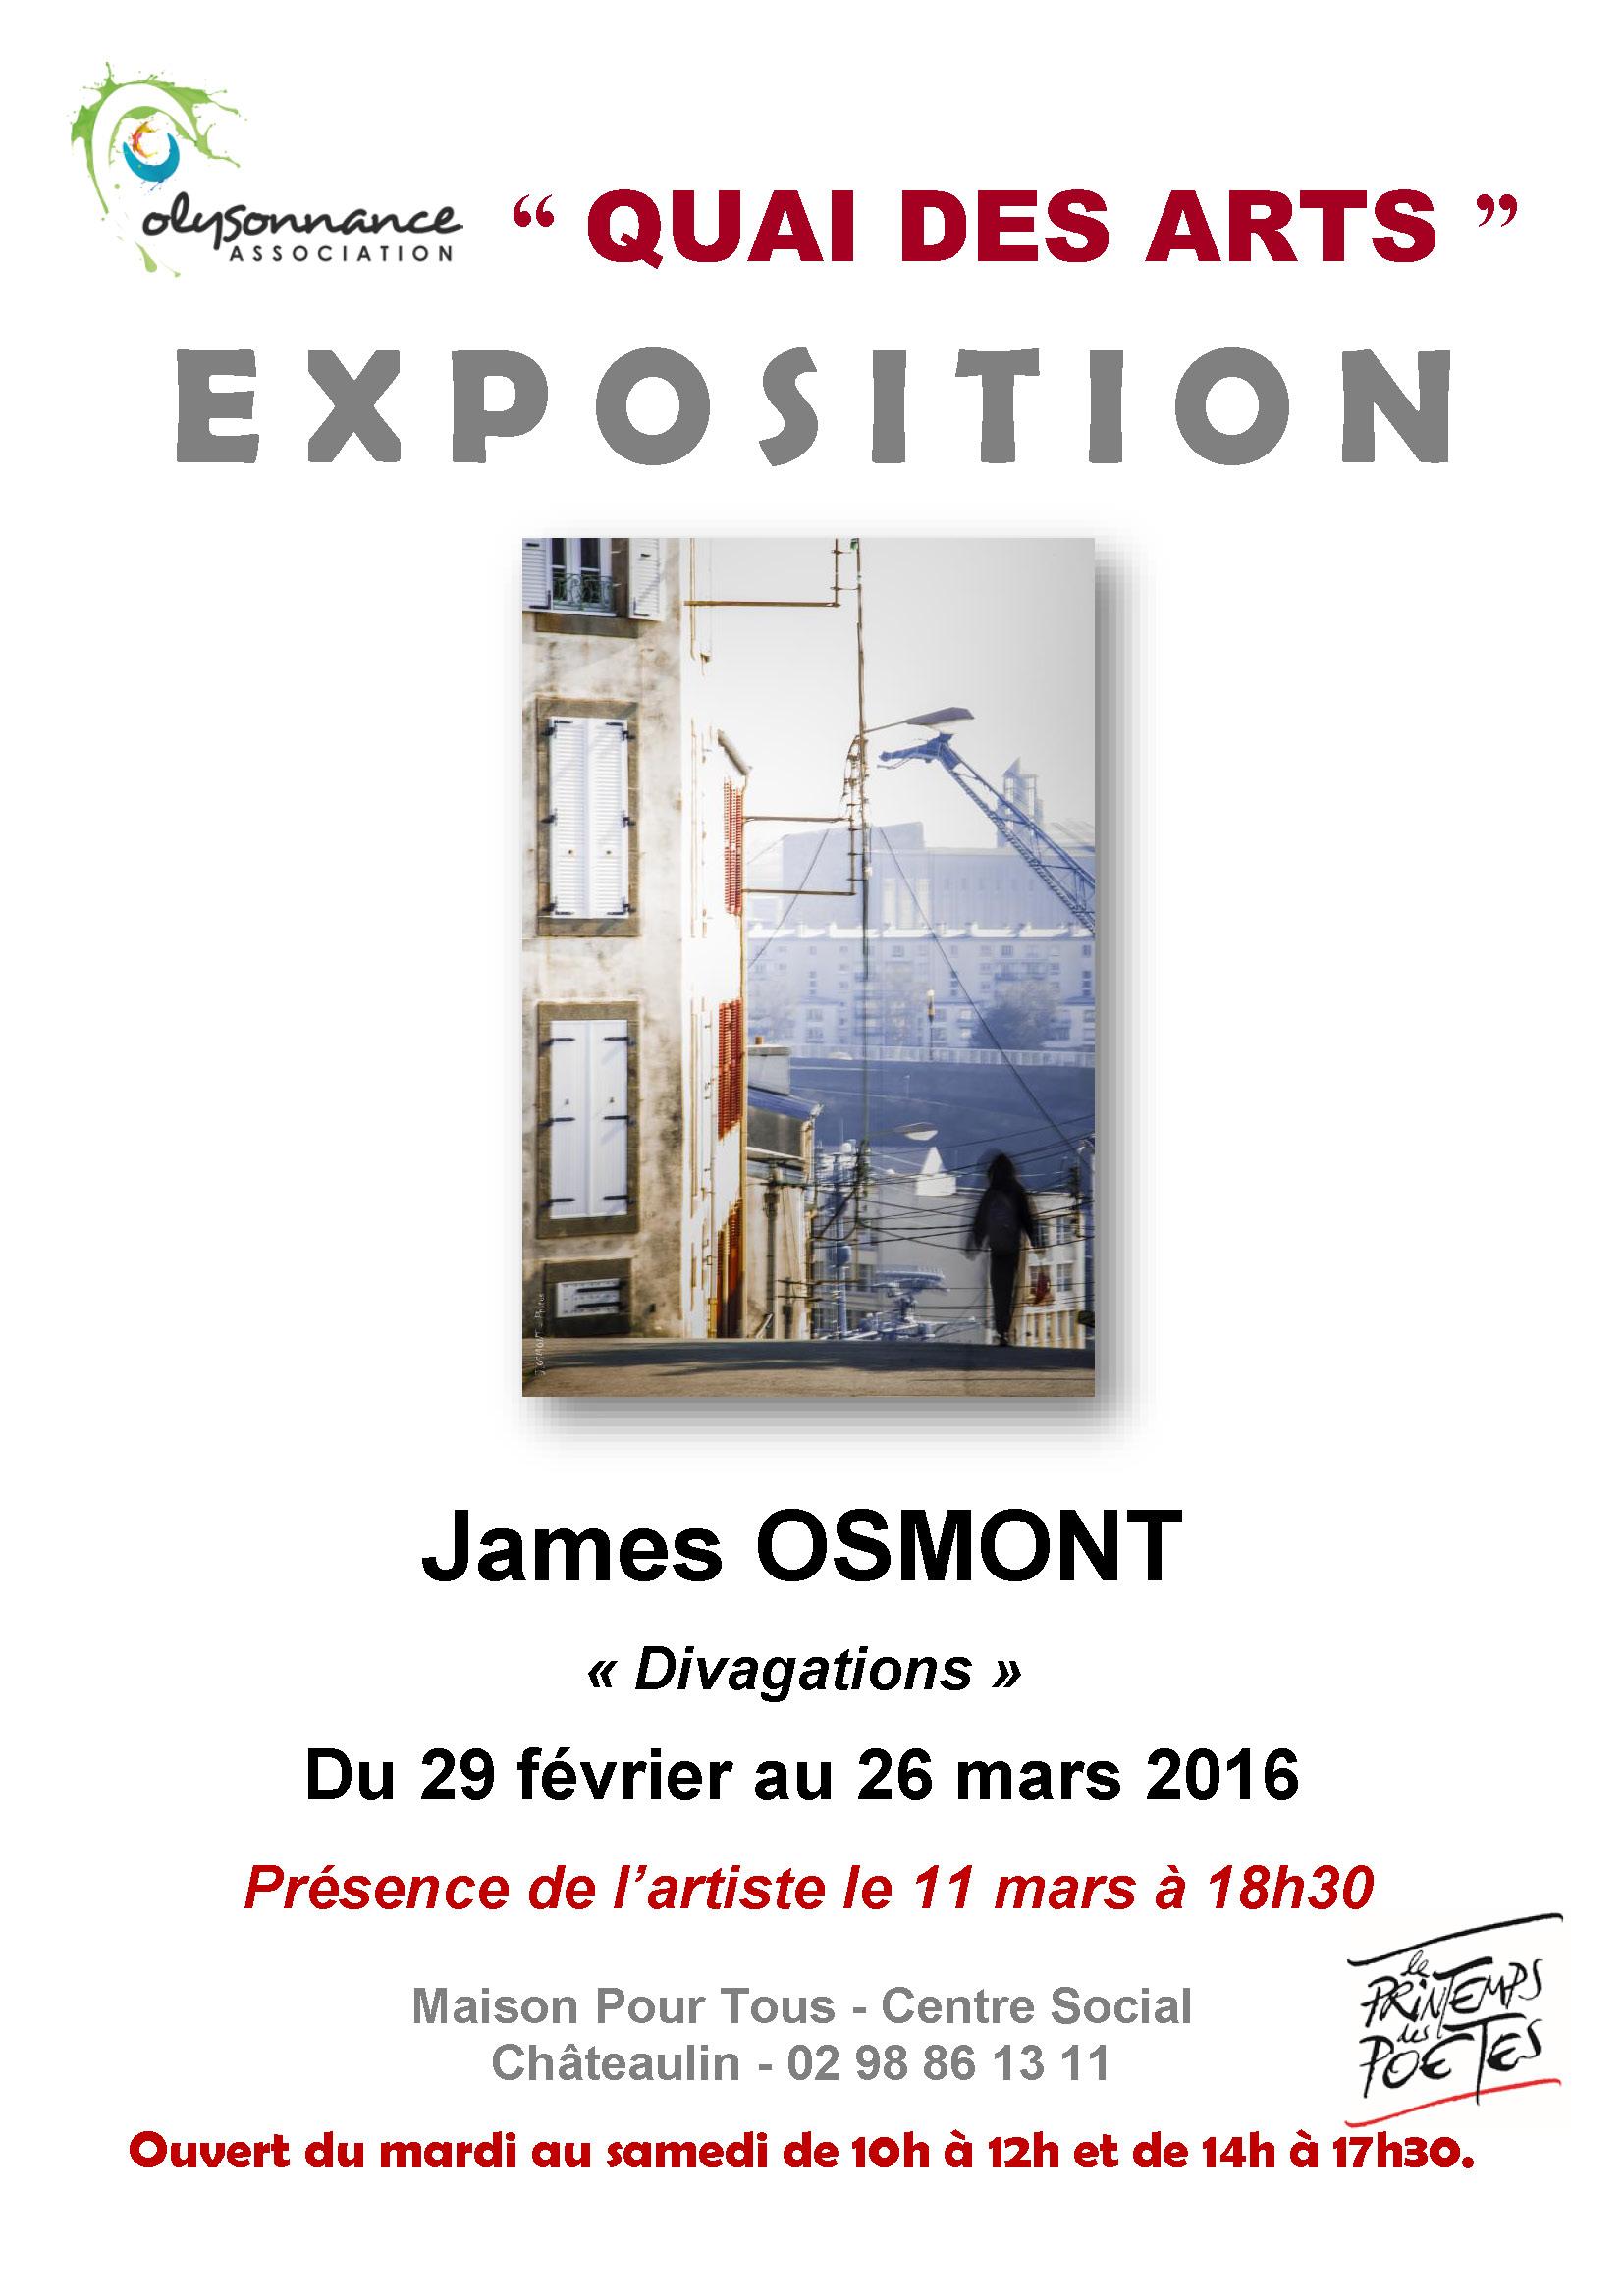 QUAI DES ARTS : EXPOSITION DE JAMES OSMONT DU 29 FEVRIER AU 26 MARS  2016 A LA MPT